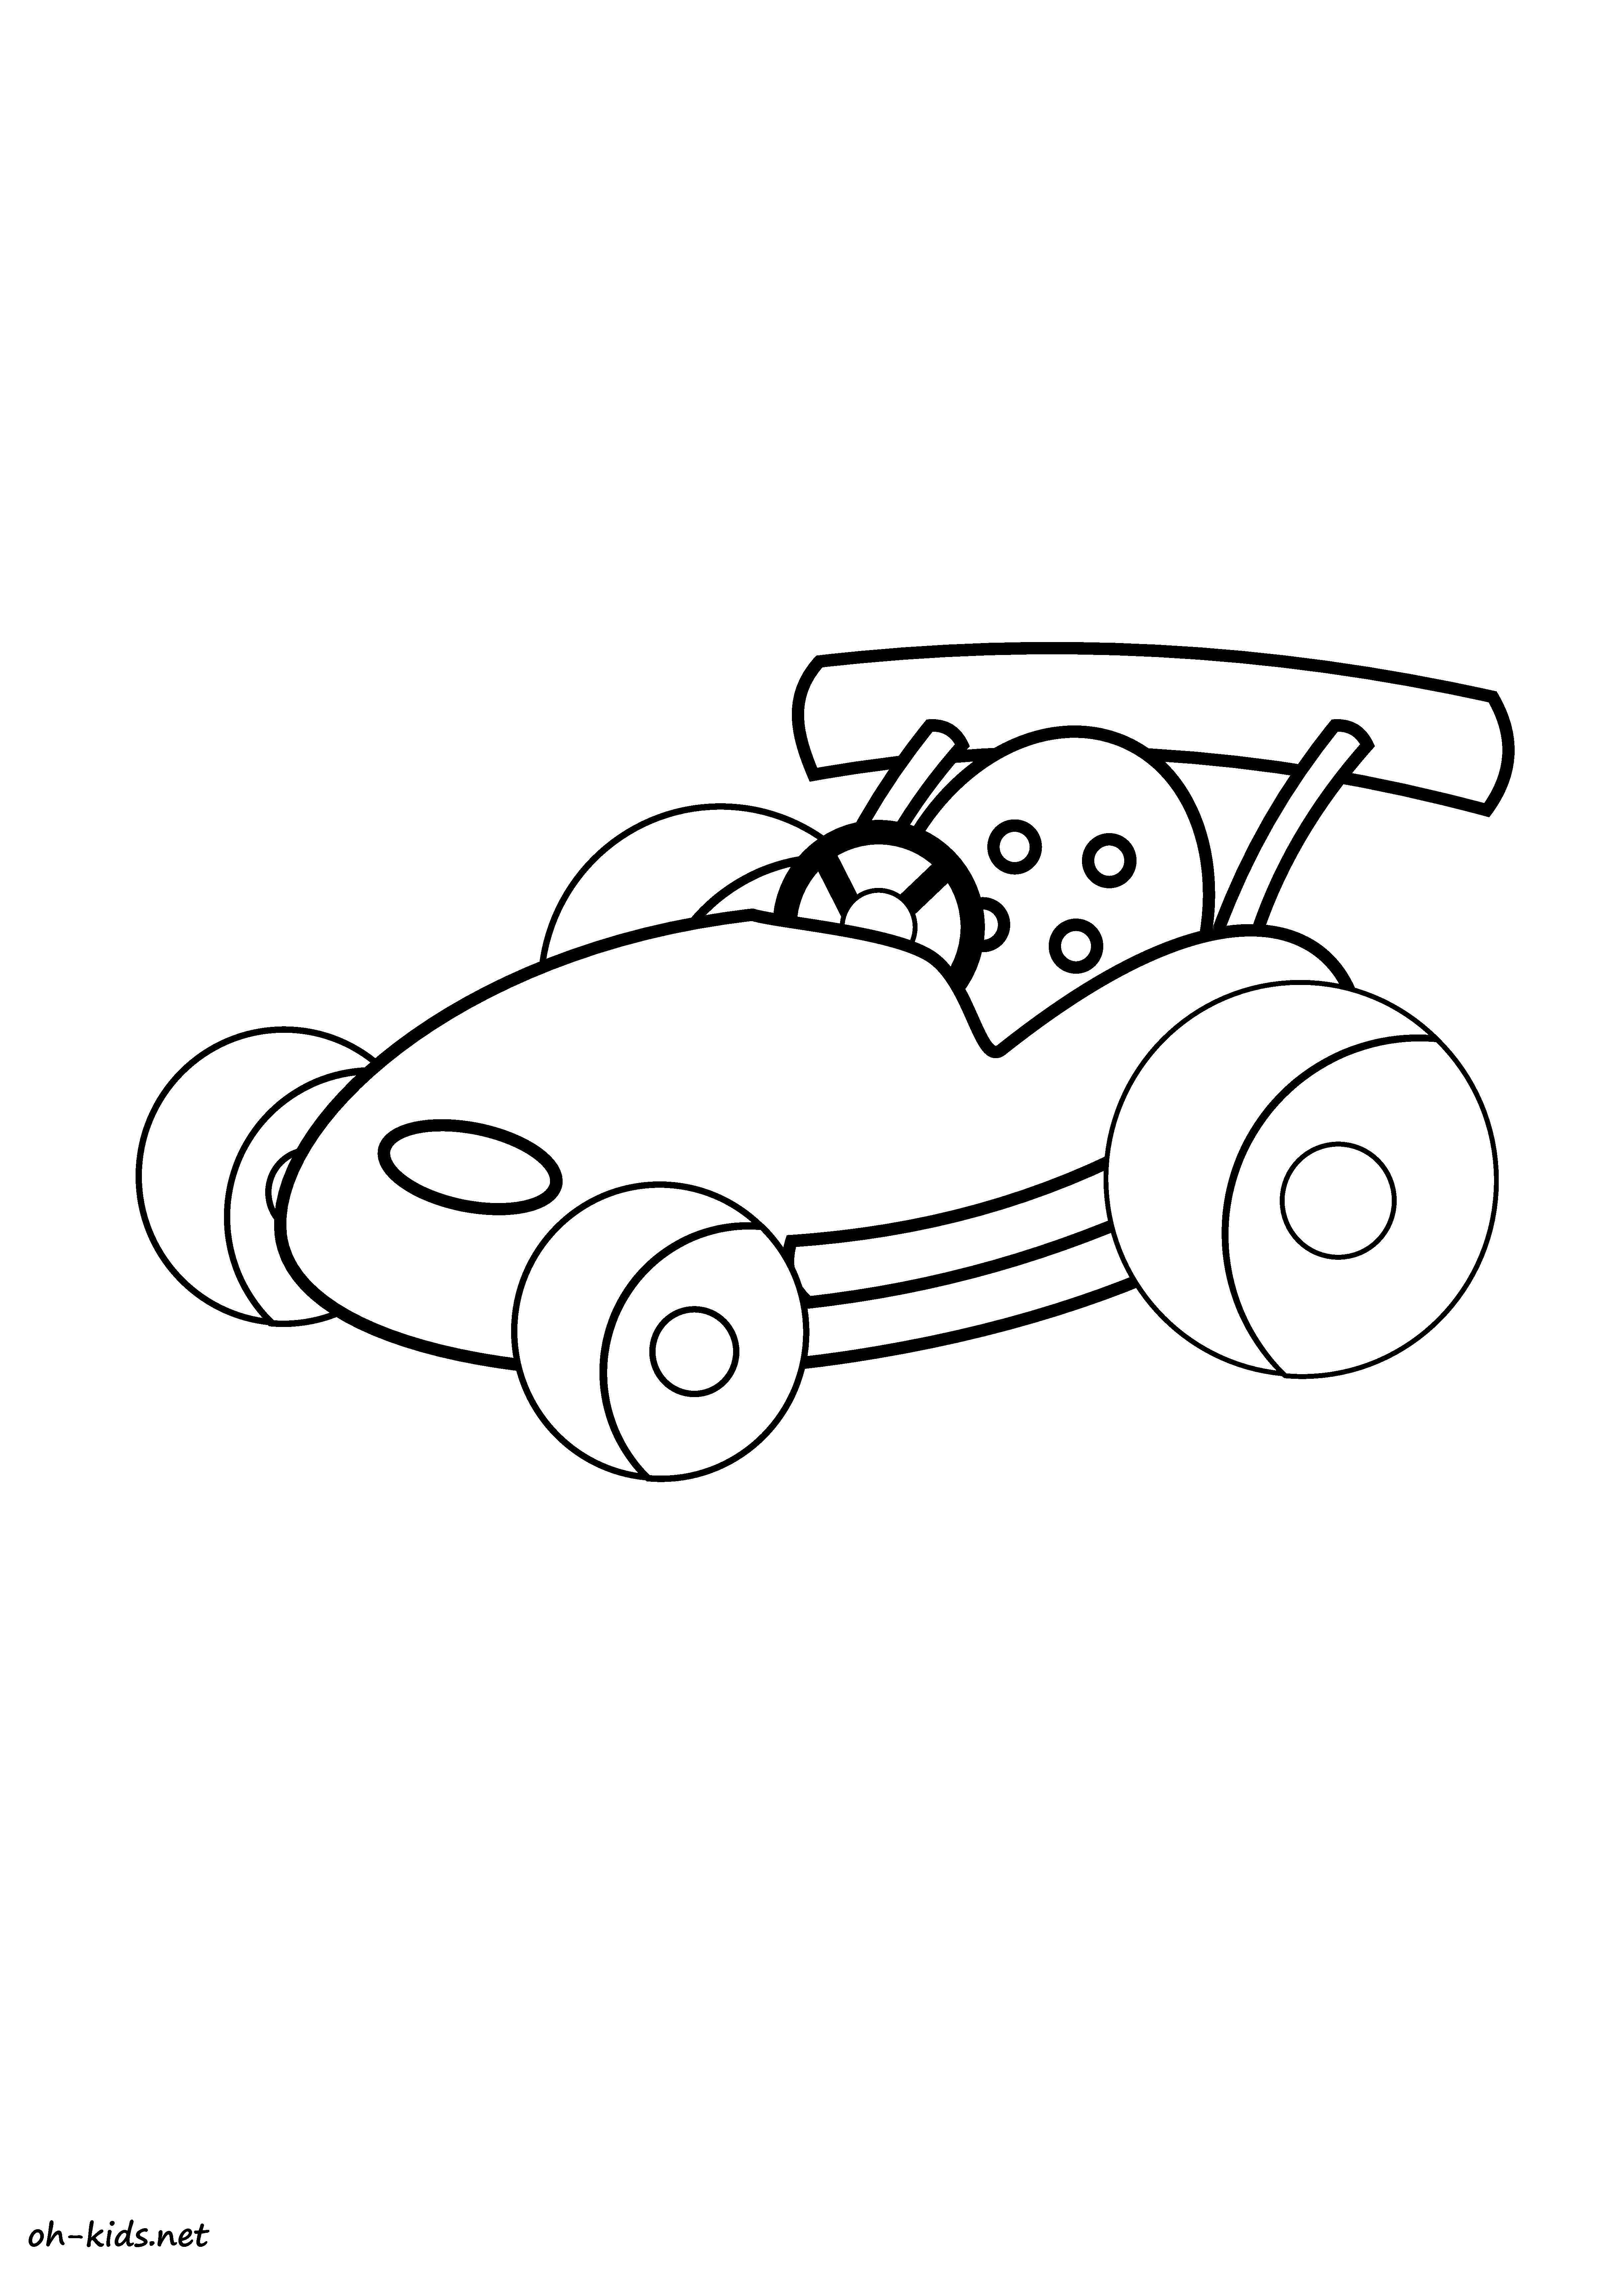 Coloriage voiture de course oh kids fr - Coloriage voiture de courses ...